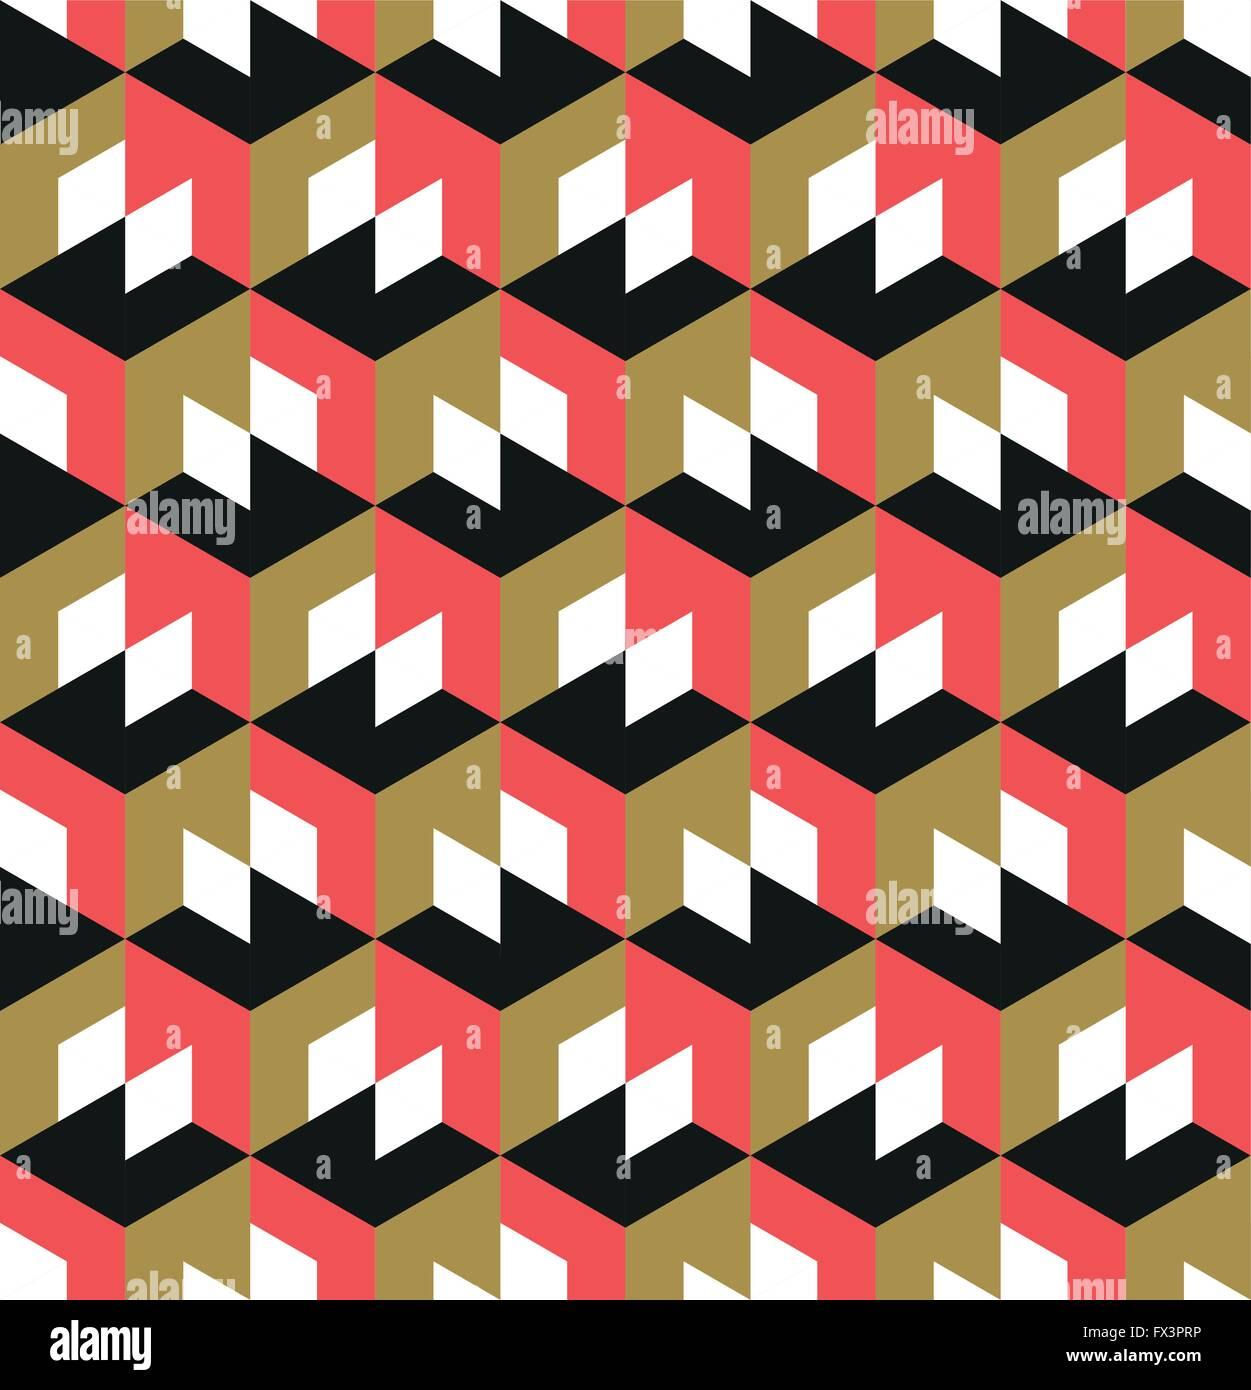 Nahtlose geometrische Muster. Abstrakten geometrischen Hintergrund-Design. Vektor-Illustration. Stockbild